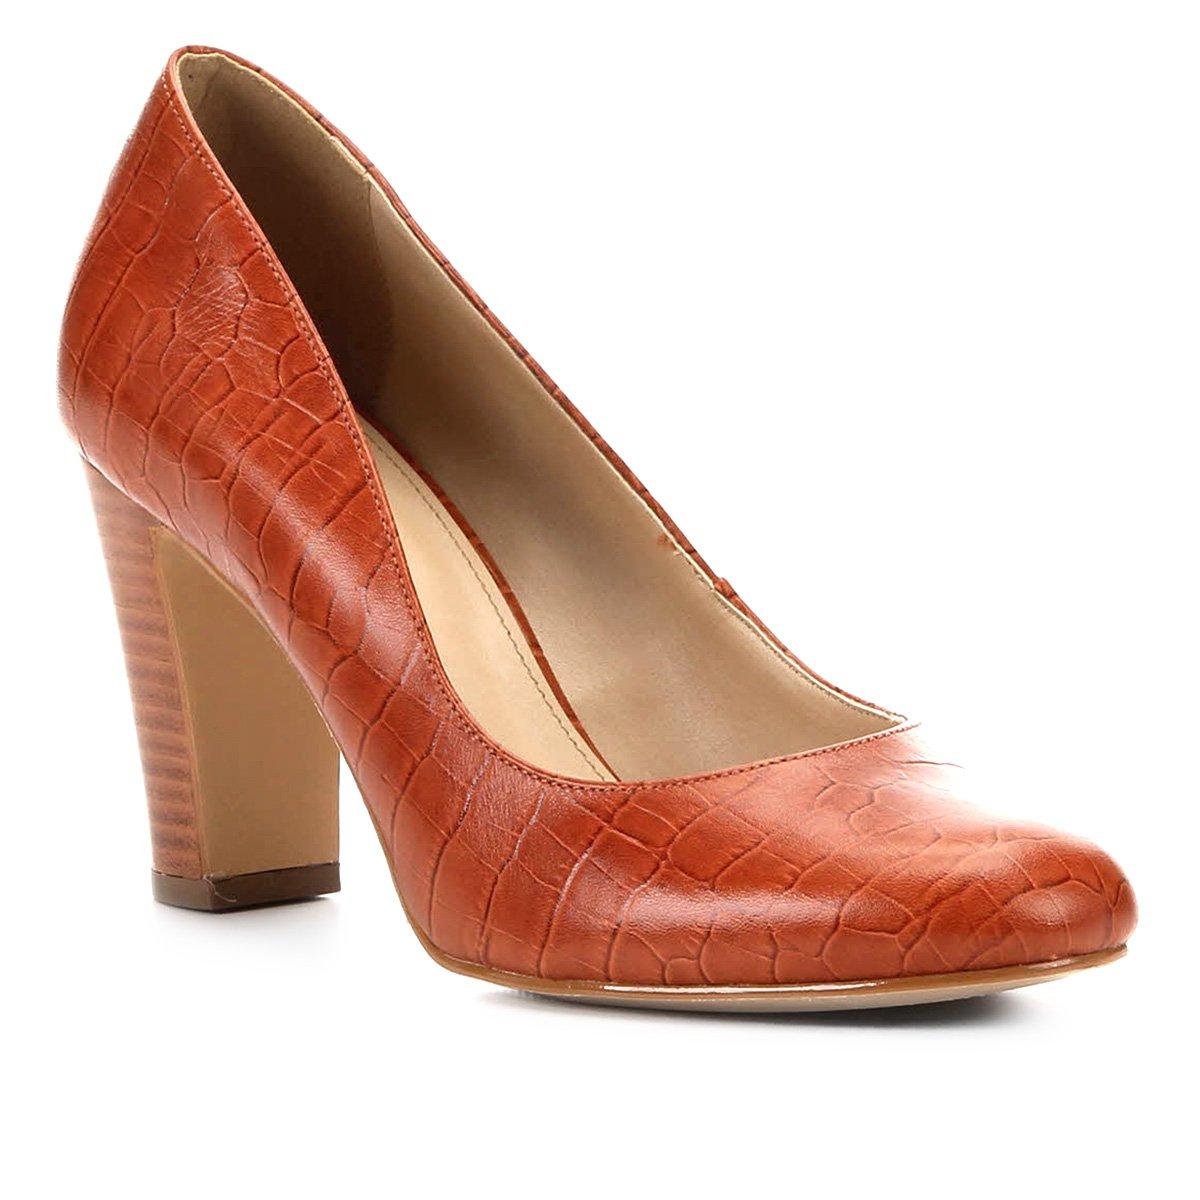 Scarpin Couro Shoestock Croco Salto Alto